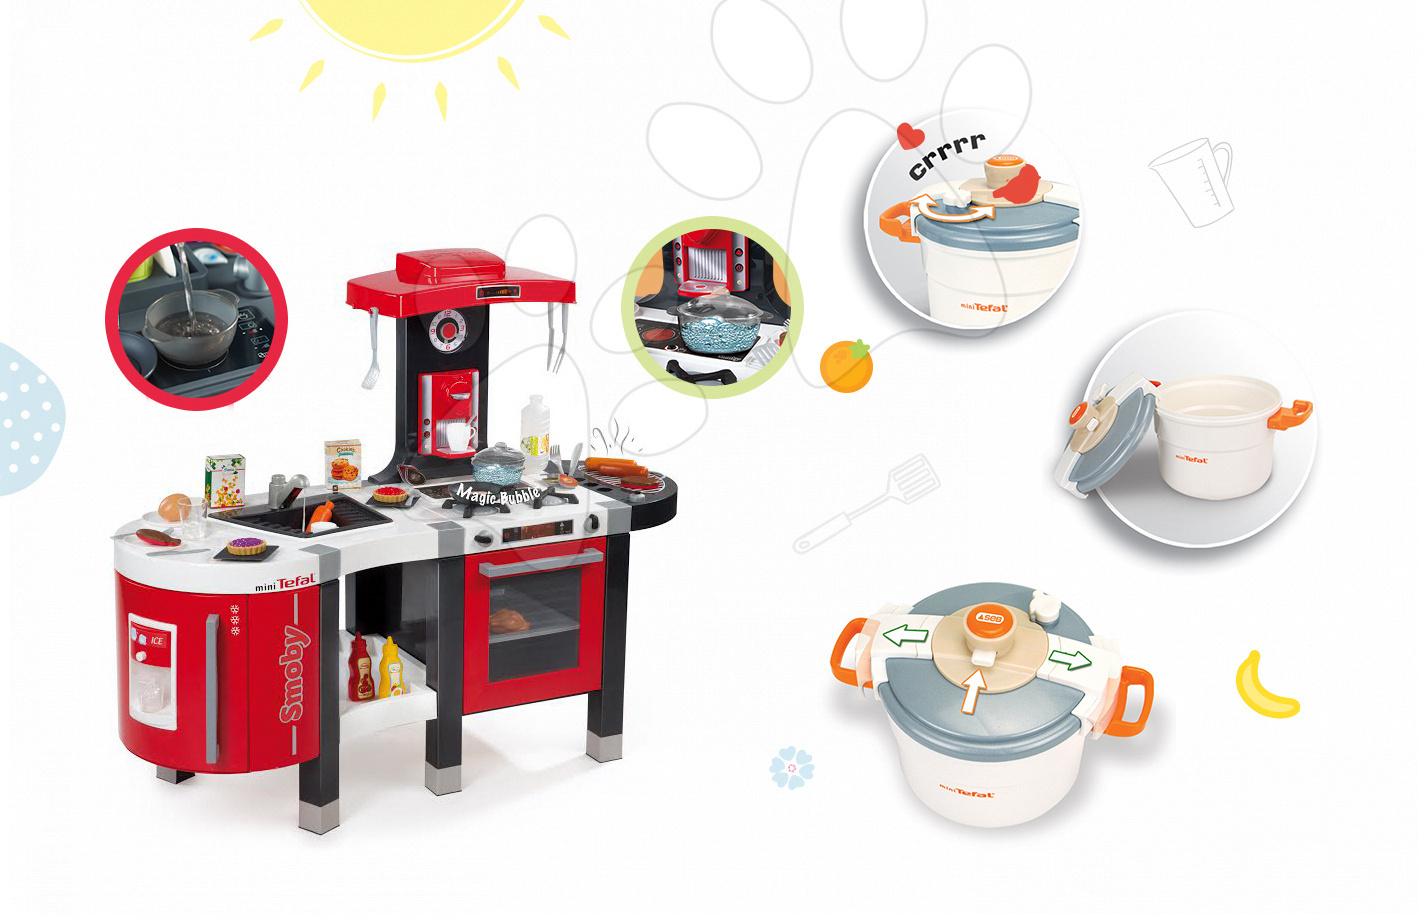 Set kuchyňka pro děti Tefal French Touch Bublinky&Voda Smoby s magickým bubláním a tlakový hrnec Tefal